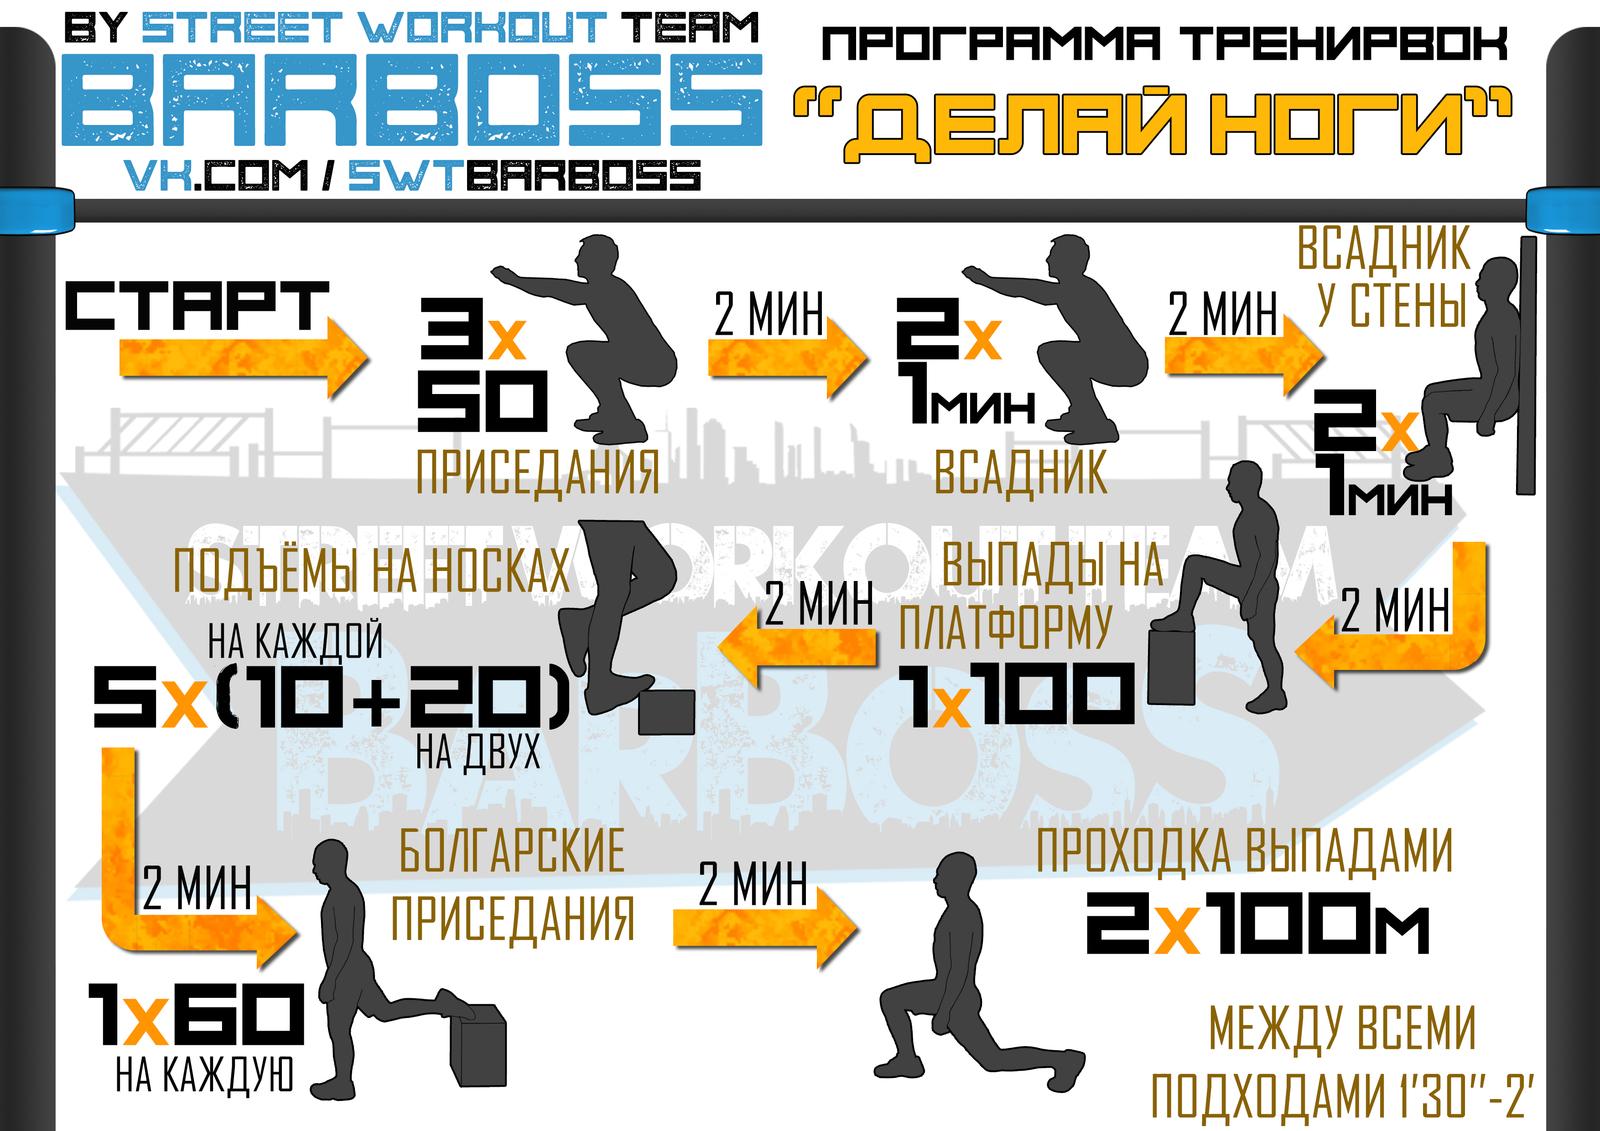 Программы для тренировок на уличных площадках b738432ae7e